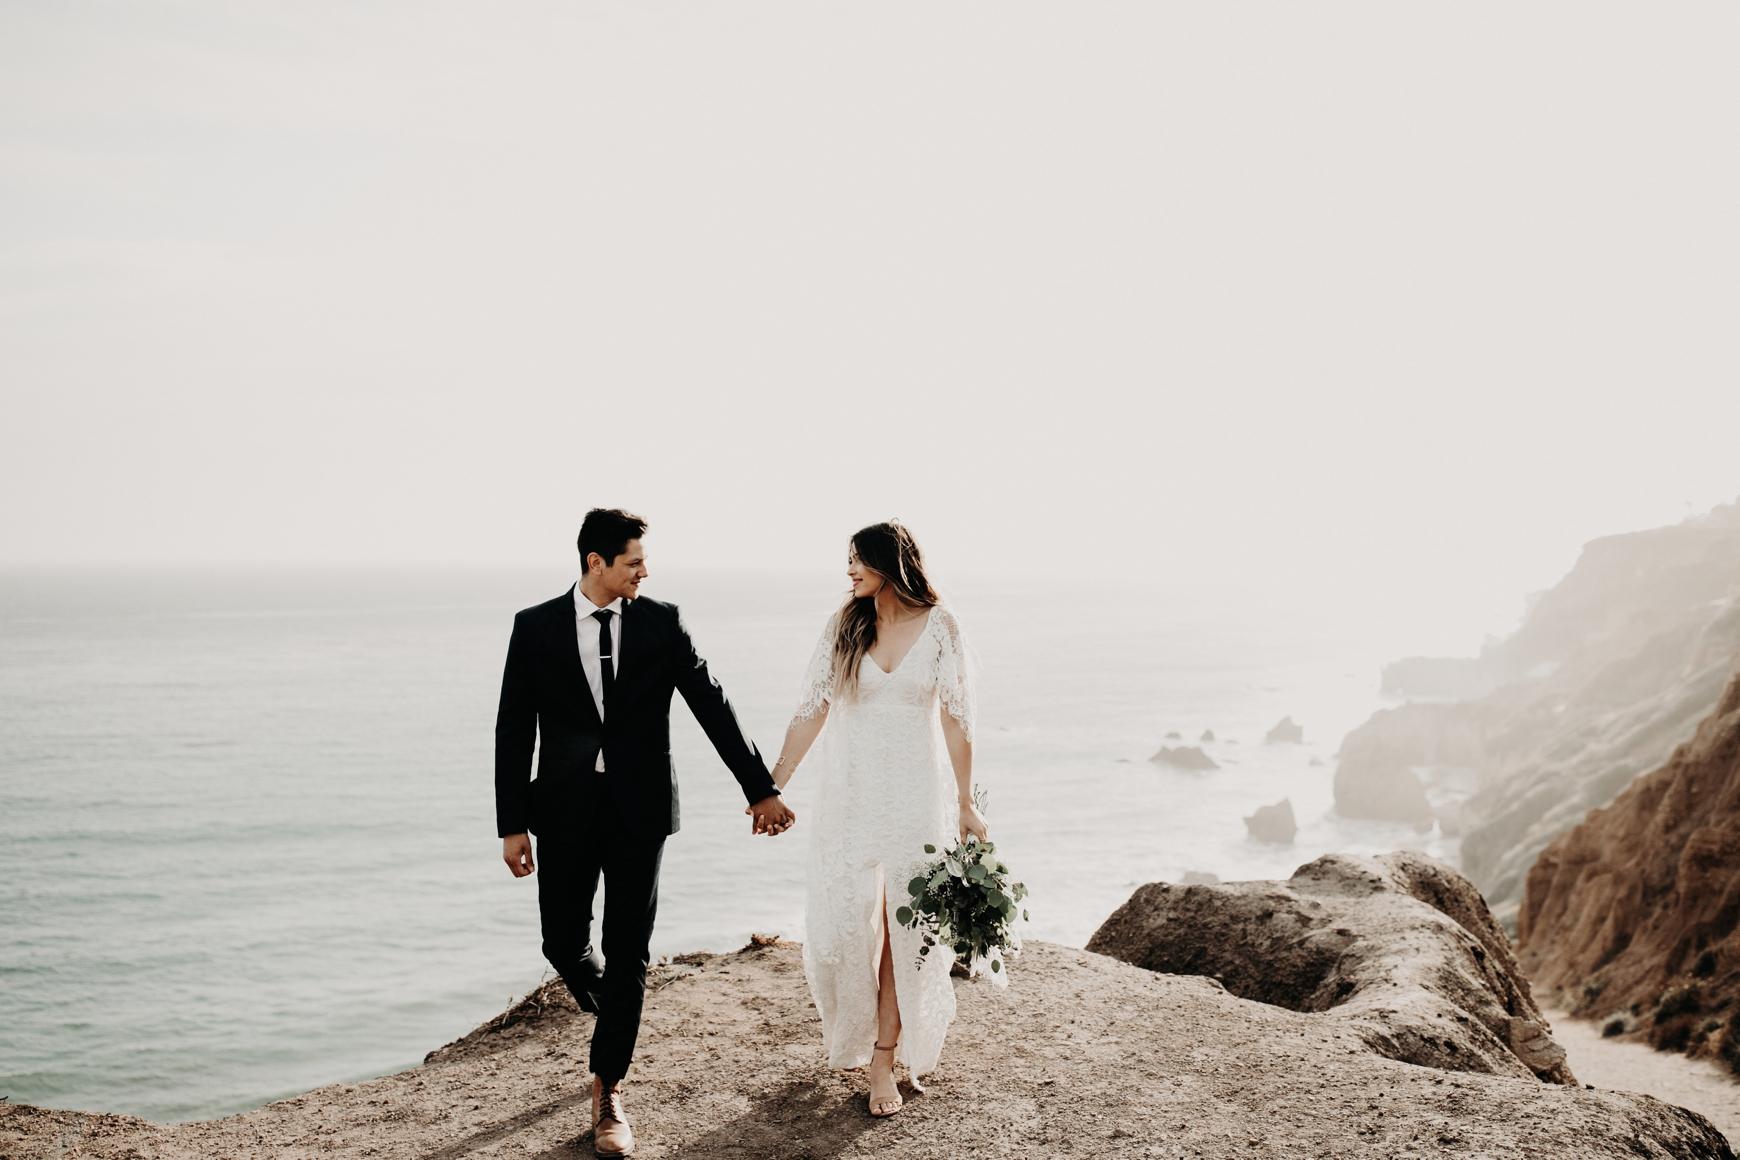 El Matador Beach Bridal Portraits Justellen & TJ Emily Magers Photography-103Emily Magers Photography.jpg